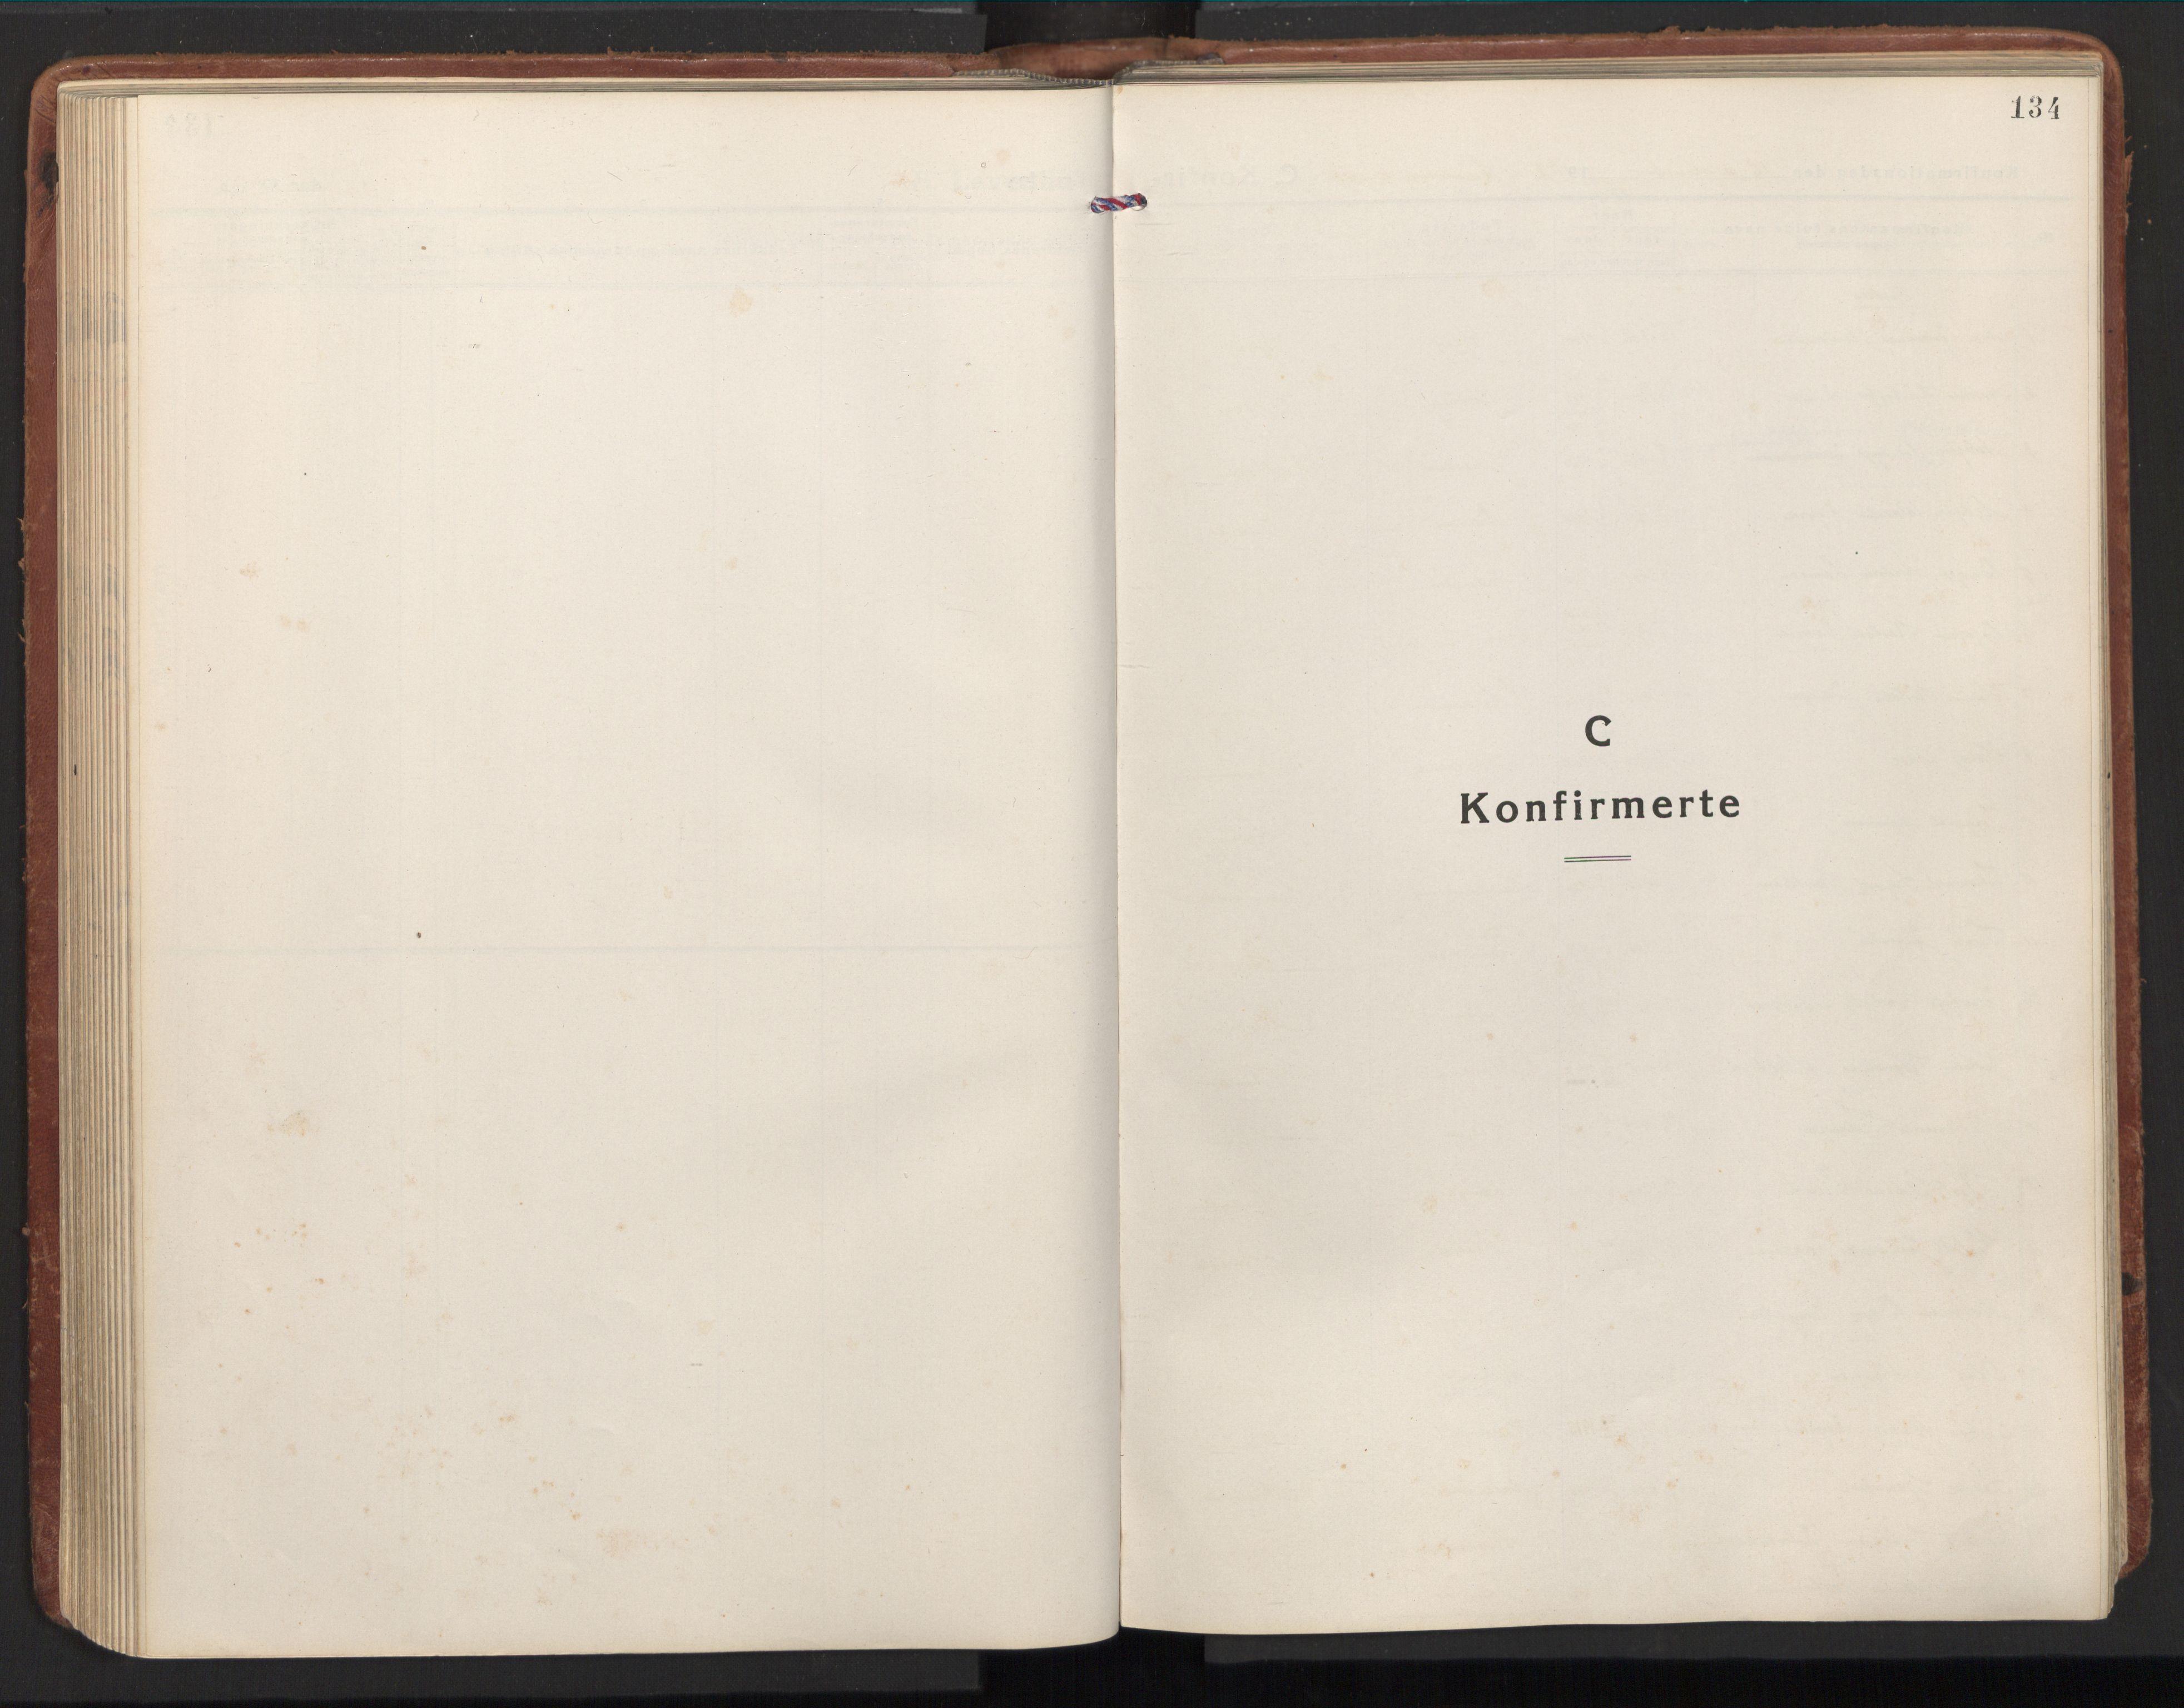 SAT, Ministerialprotokoller, klokkerbøker og fødselsregistre - Nord-Trøndelag, 784/L0678: Ministerialbok nr. 784A13, 1921-1938, s. 134